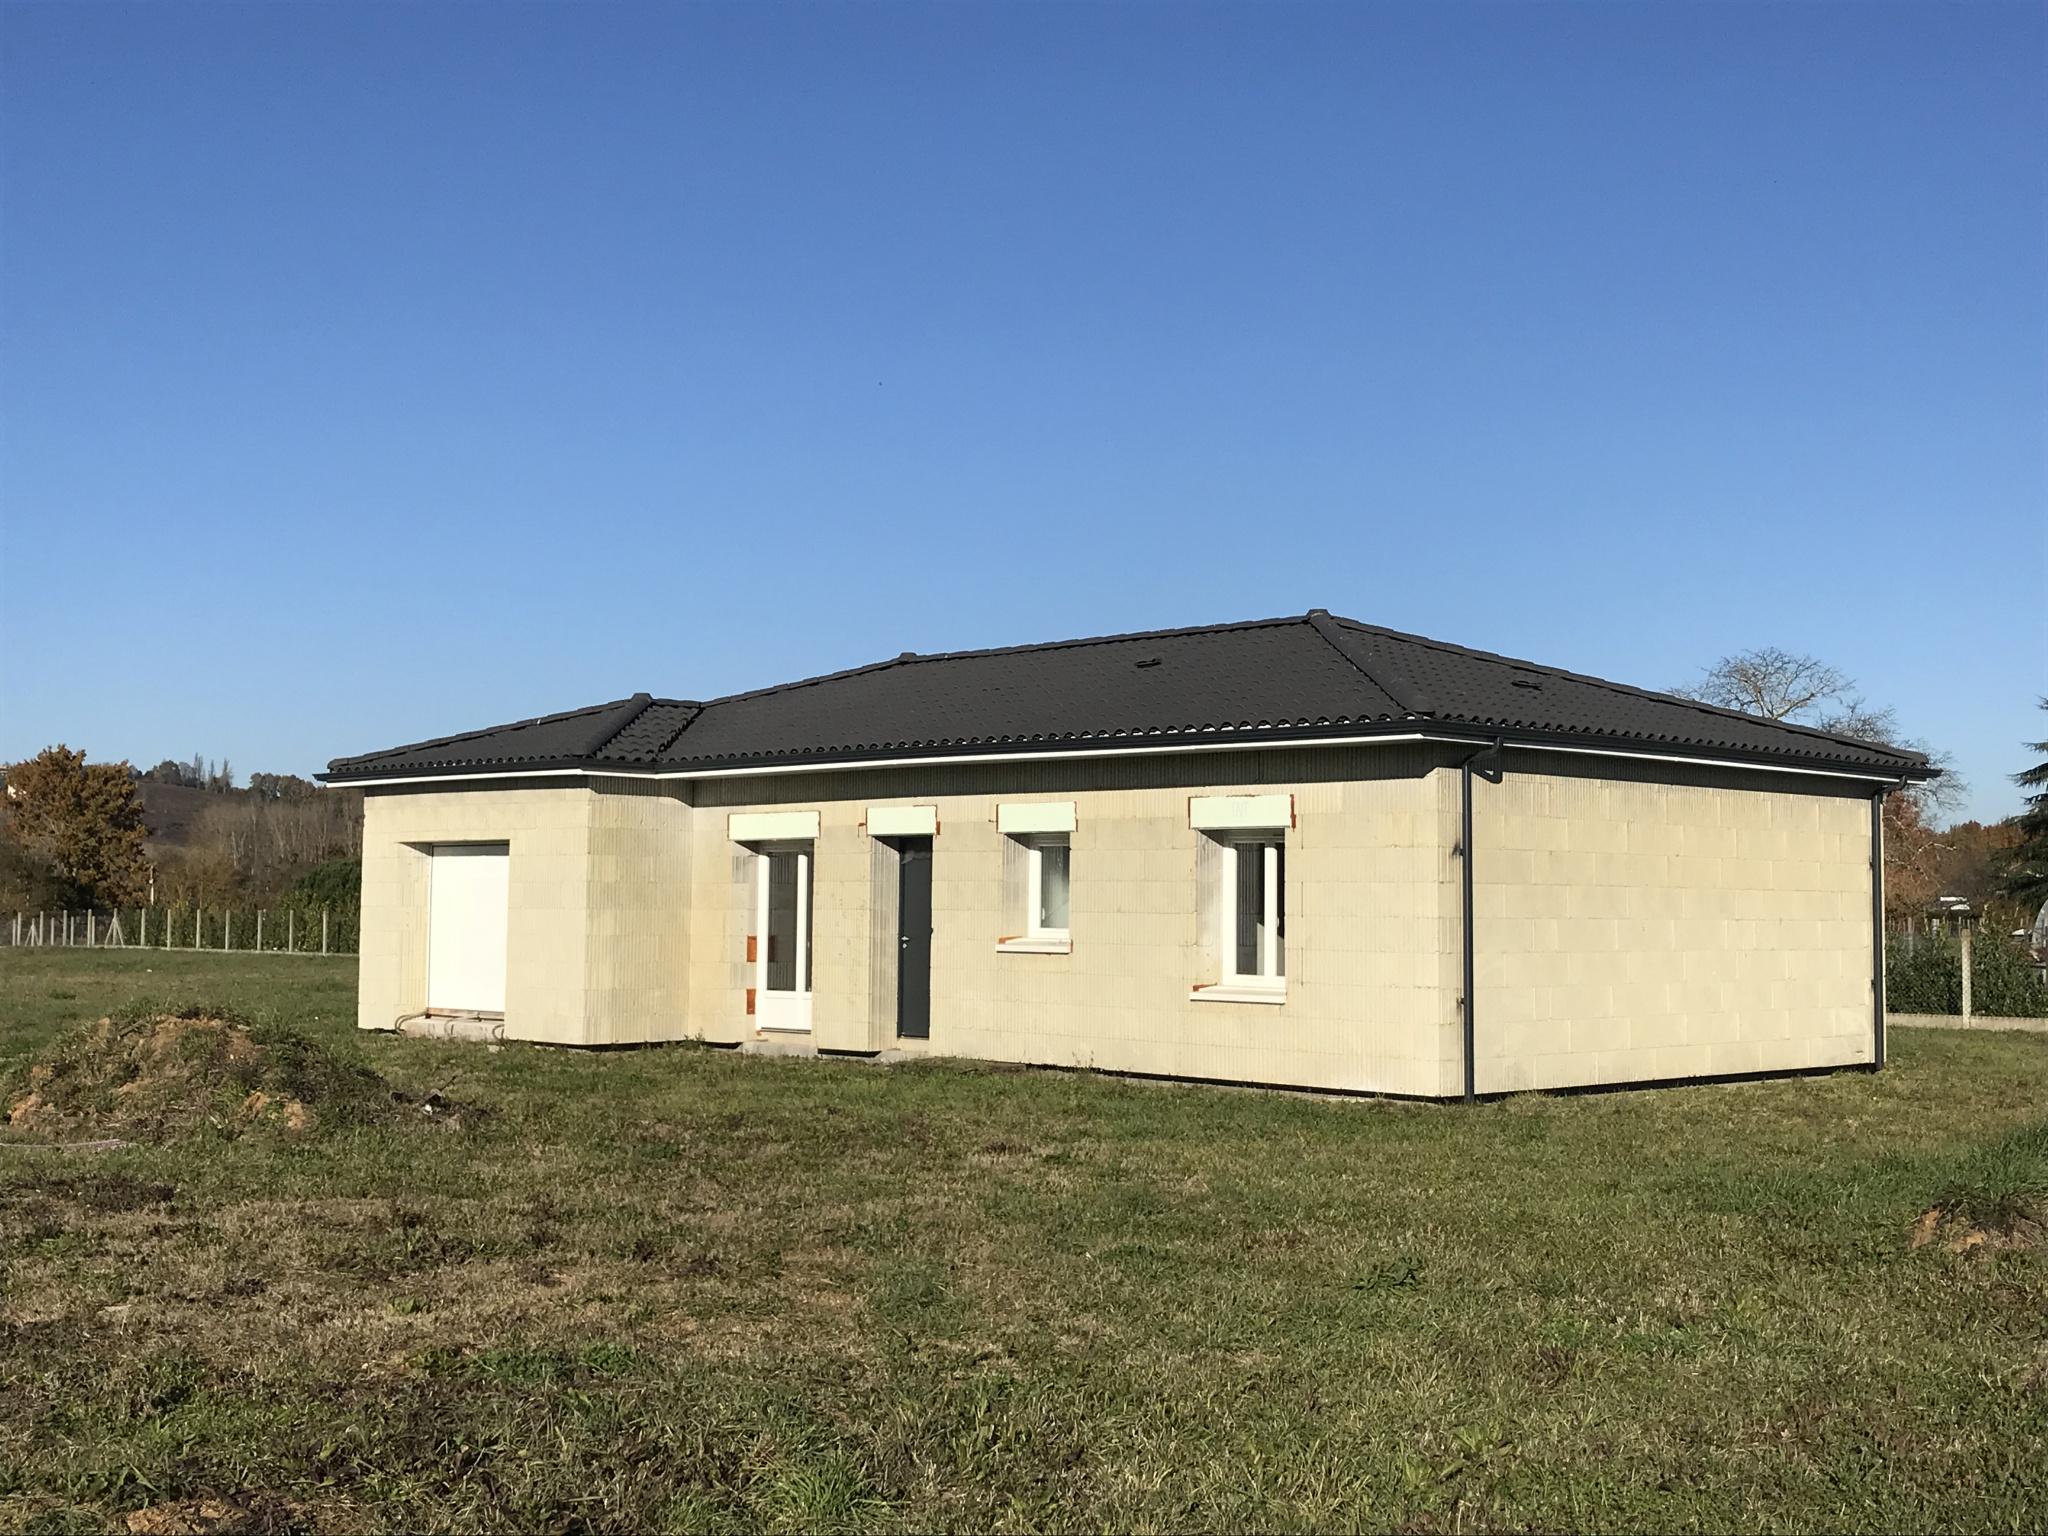 Annonce vente maison p rigueux 24000 88 m 191 700 for Vente maison perigueux